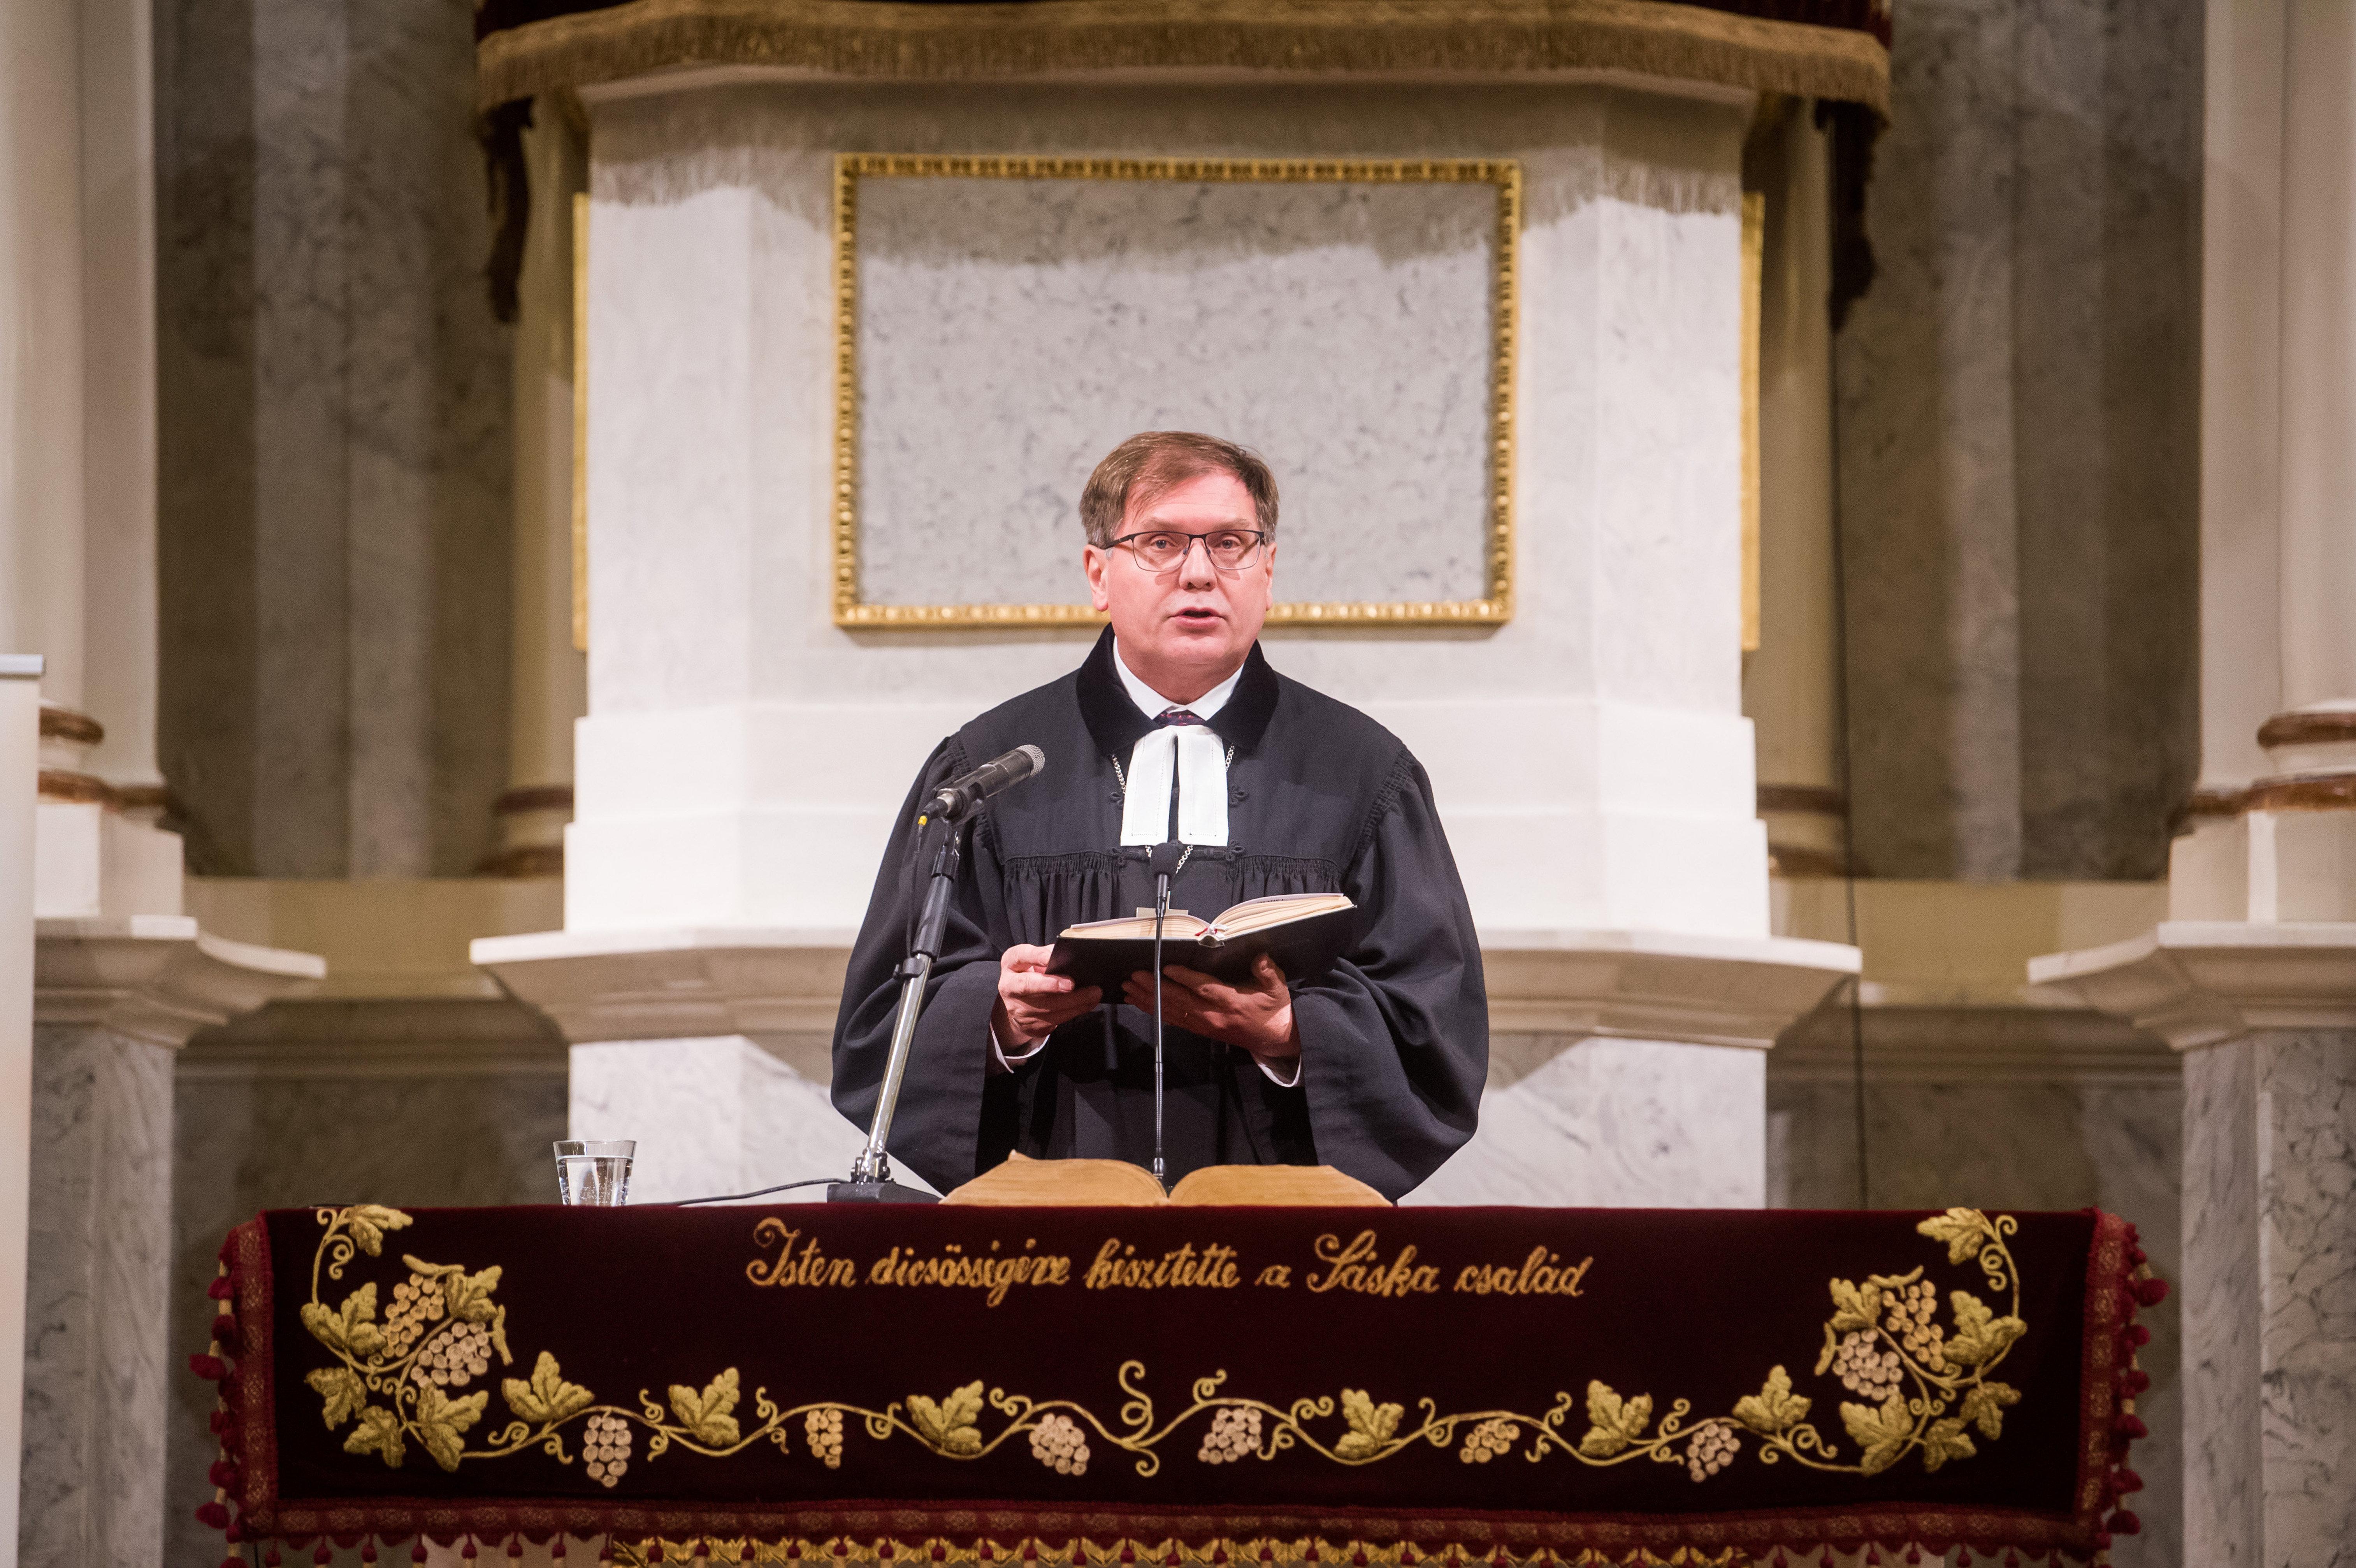 Levélben kérik az egyházak, hogy vegyék előre a lelkészeket az oltási tervben